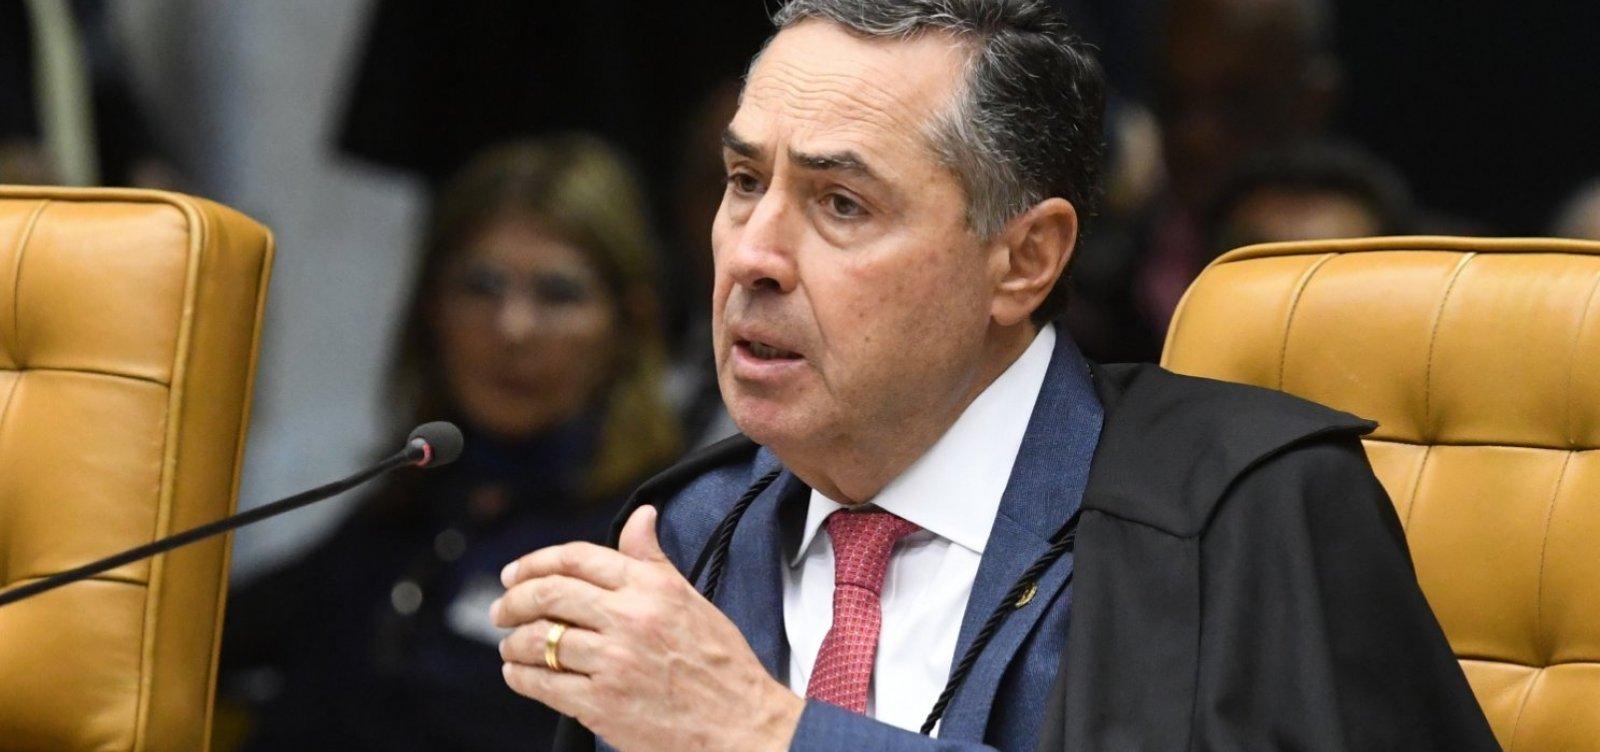 [Combater fake news com decisão judicial é fantasia, diz Barroso]